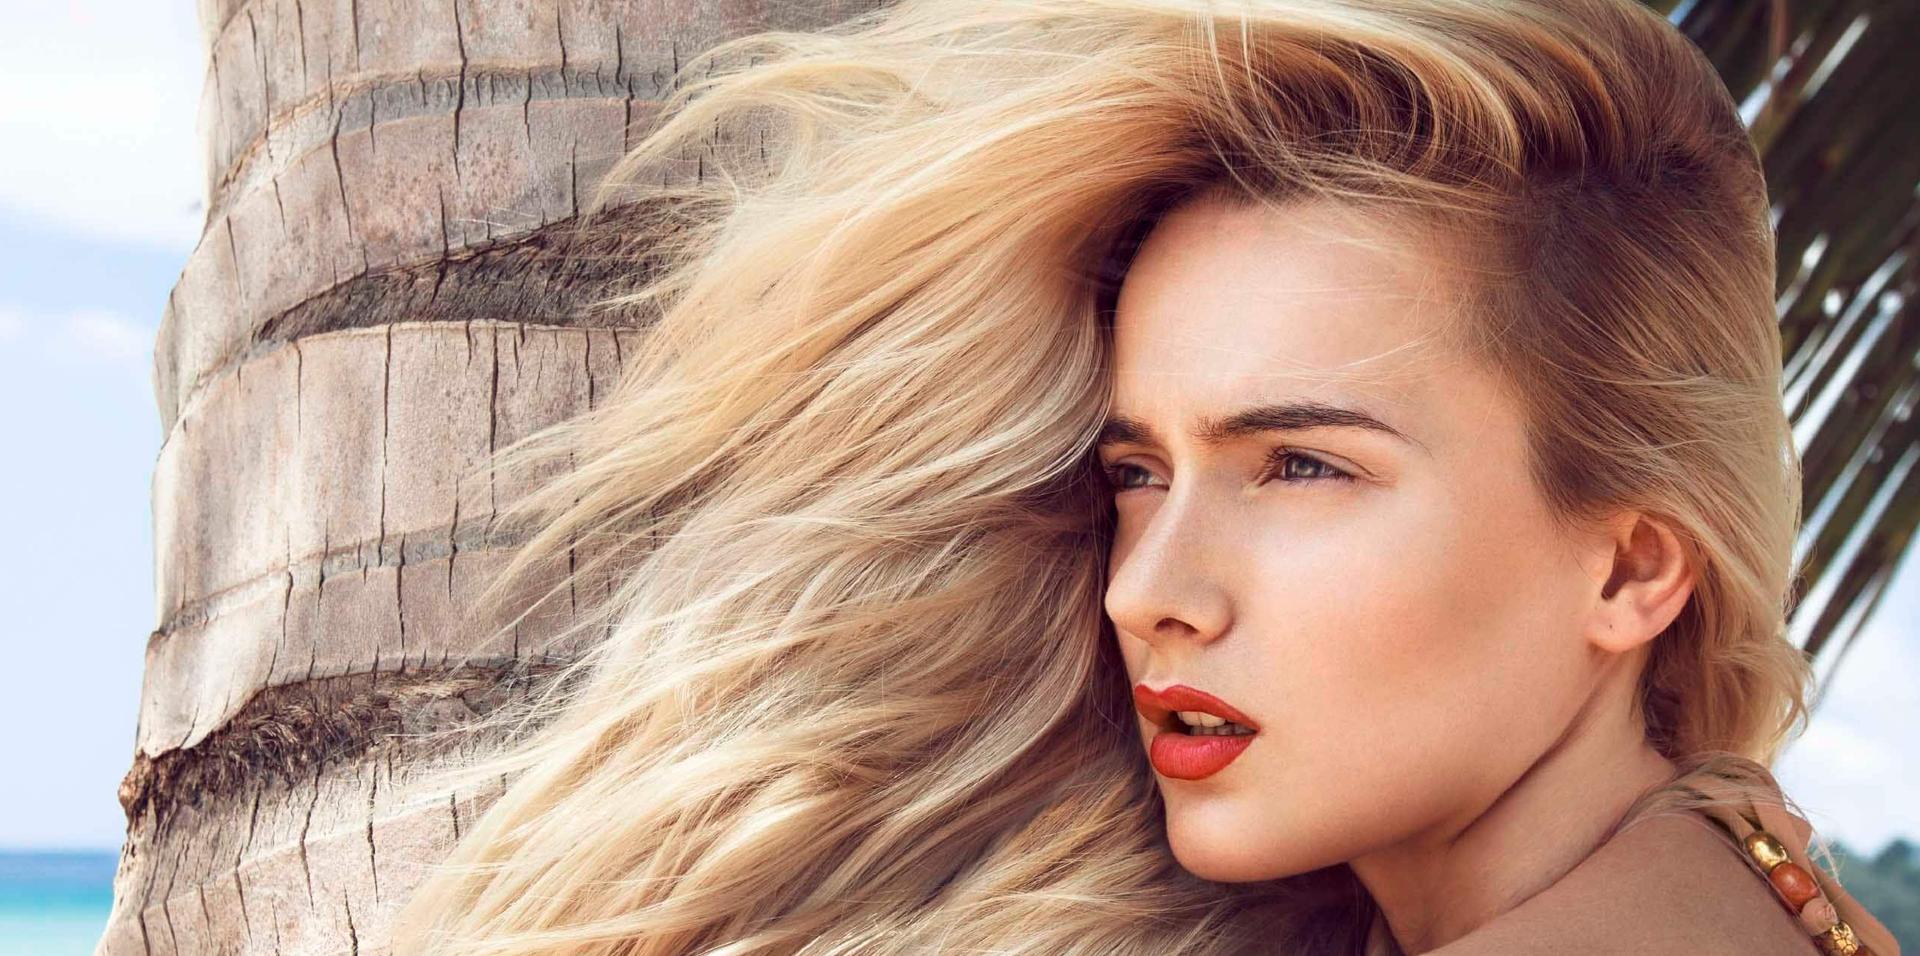 Wir verraten Ihnen das Geheimnis hinter der gepflegt aussehenden Haare und die Schritten der richtigen Haarpflege, um eine makellose Mähne am Strand zu wehen.